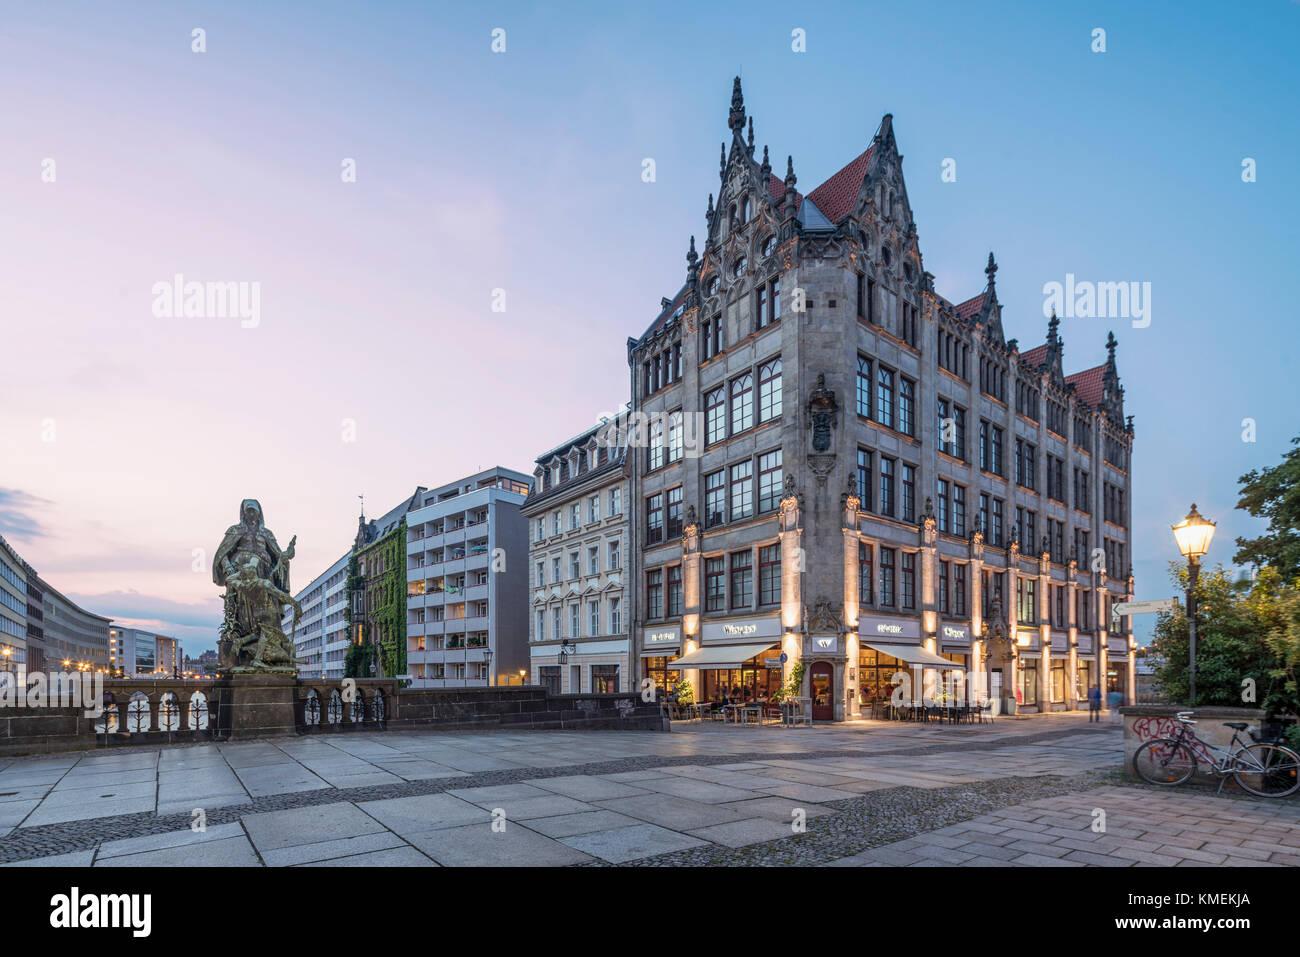 Hochzeitshaus, Juwel-Palais,  Gertraudendenkmal, Spittelmarkt, Berlin - Stock Image